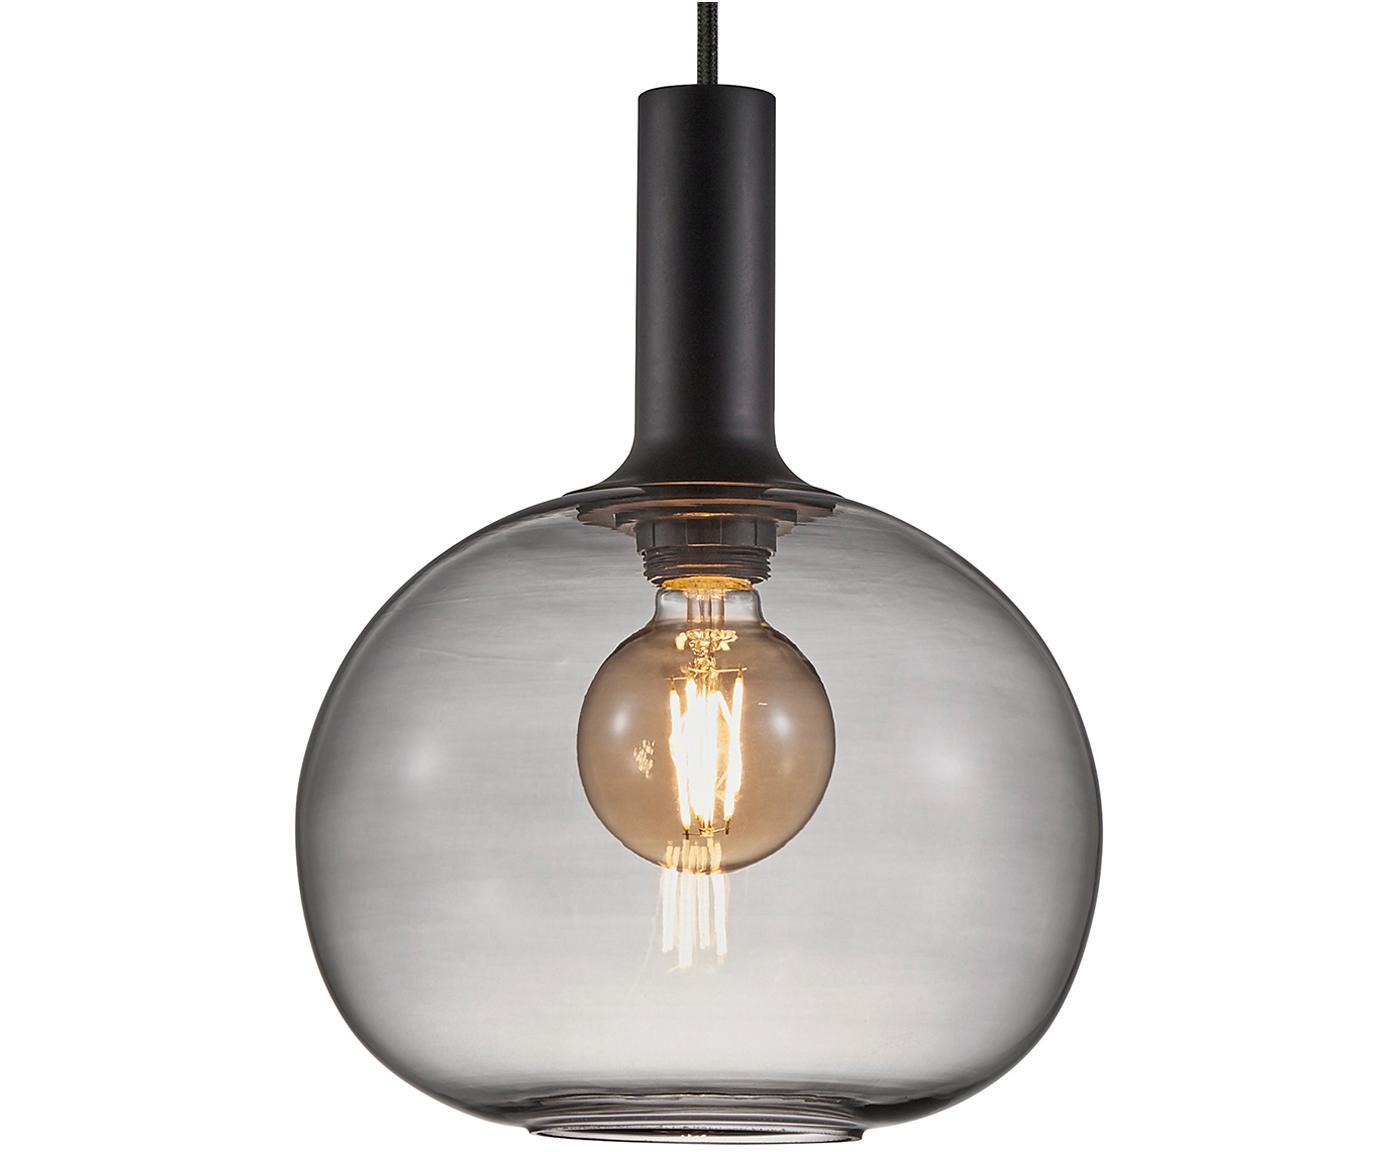 Lampa wisząca ze szkła Alton, Czarny, szary, transparentny, Ø 25 x W 33 cm